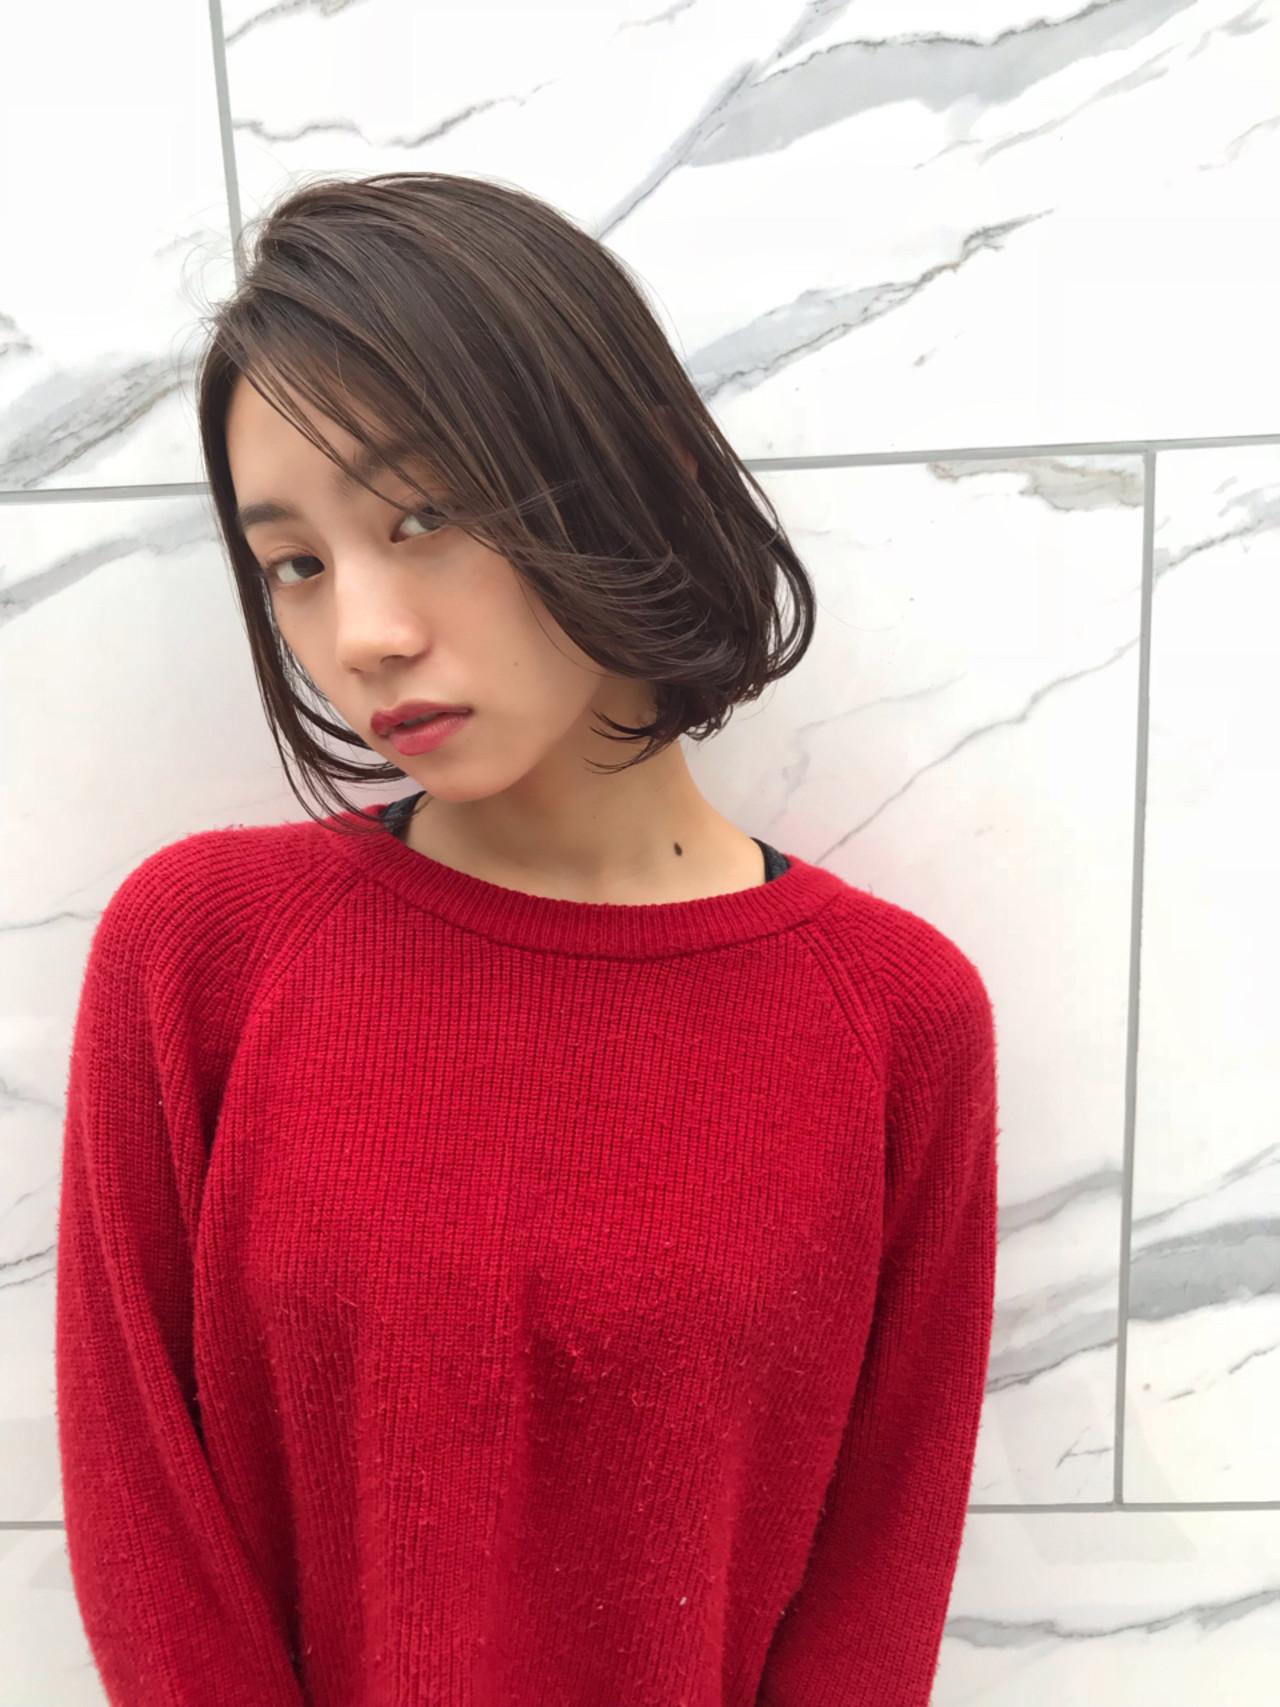 小顔 冬 女子力 秋 ヘアスタイルや髪型の写真・画像